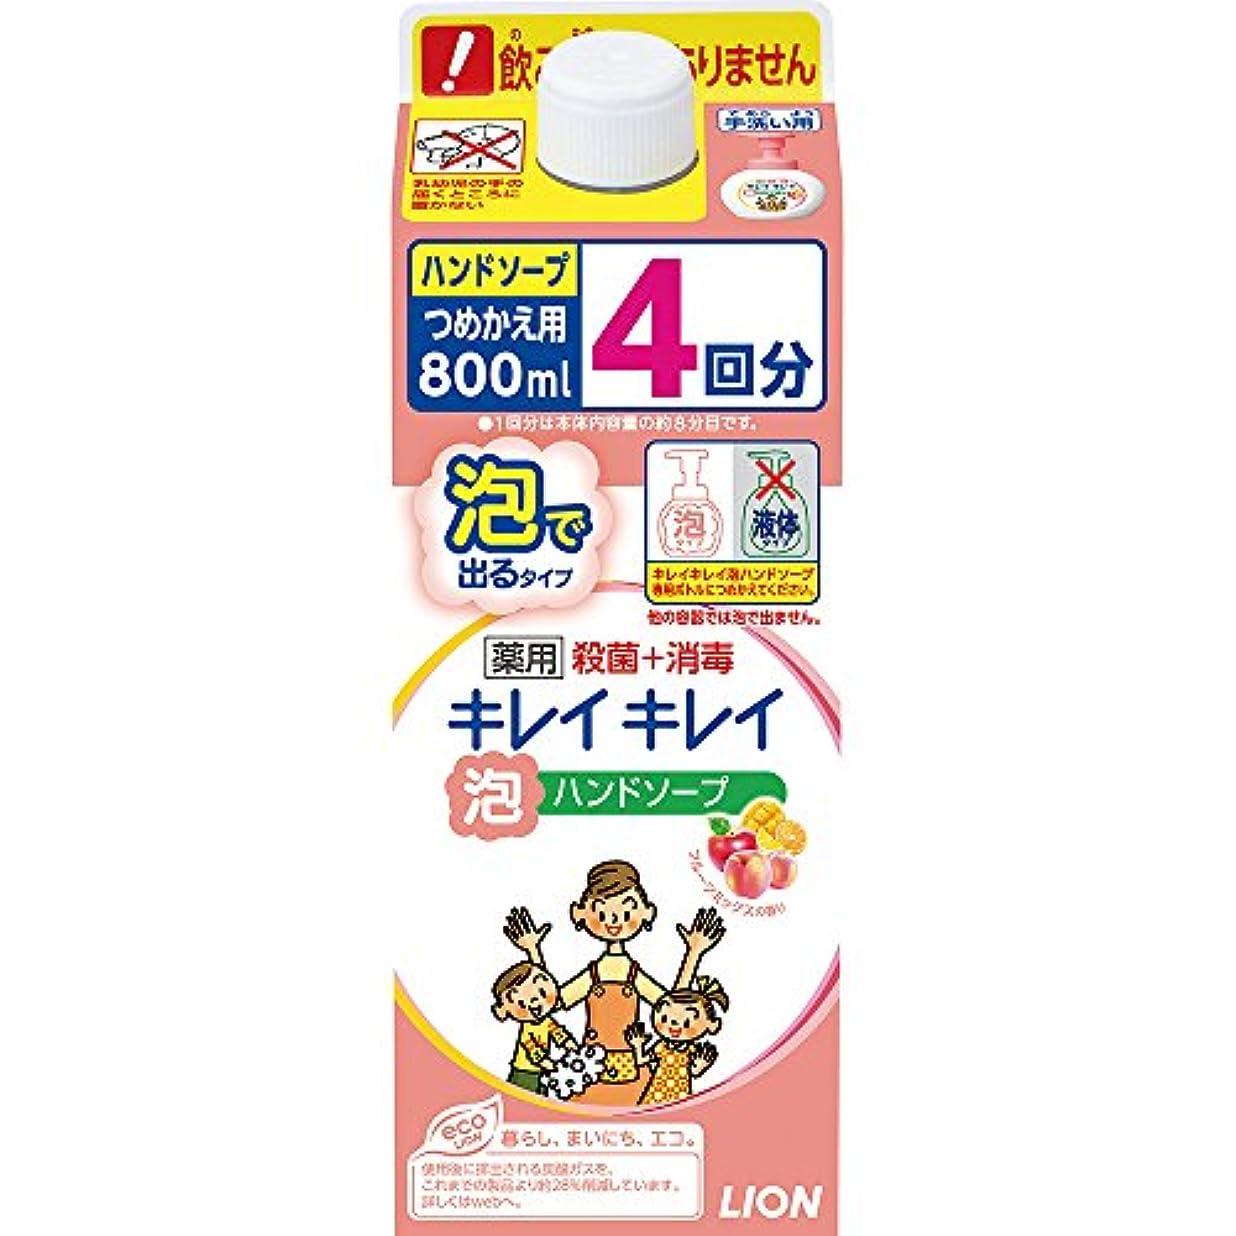 時刻表全能エンコミウムキレイキレイ 薬用 泡ハンドソープ フルーツミックスの香り 詰め替え特大サイズ 800ml(医薬部外品)